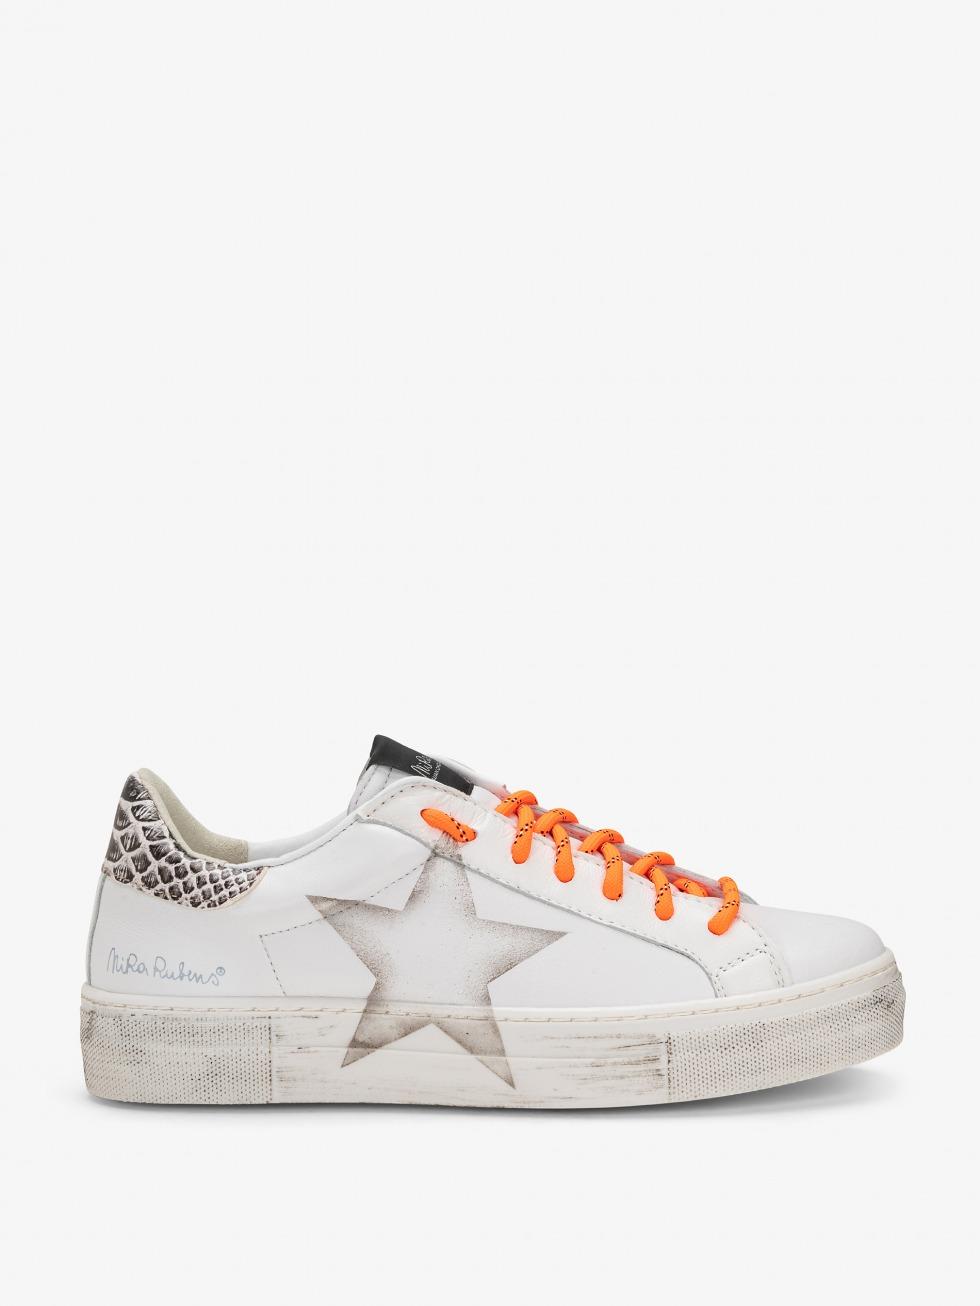 sneakers-bianche-donna-martini-vintage-cobra-stella (1)